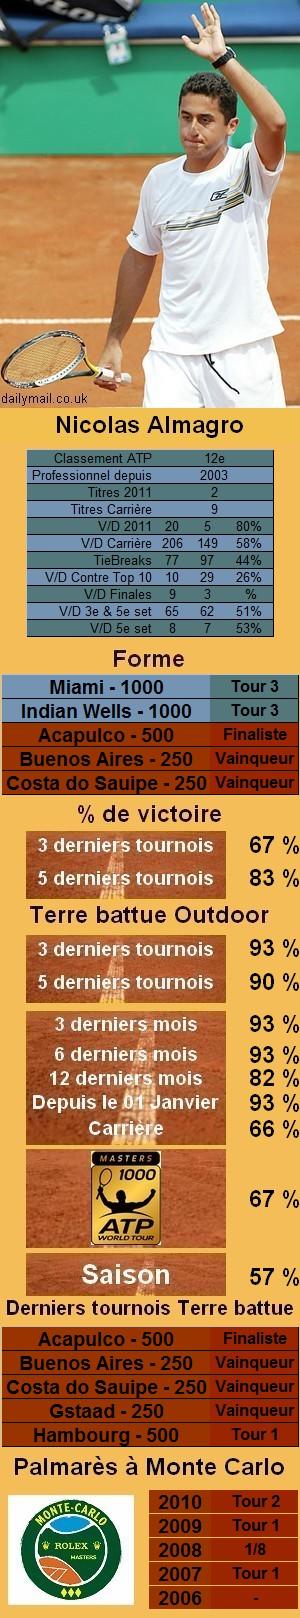 Les statistiques tennis de Nicolas Almagro pour le tournoi de Monte Carlo